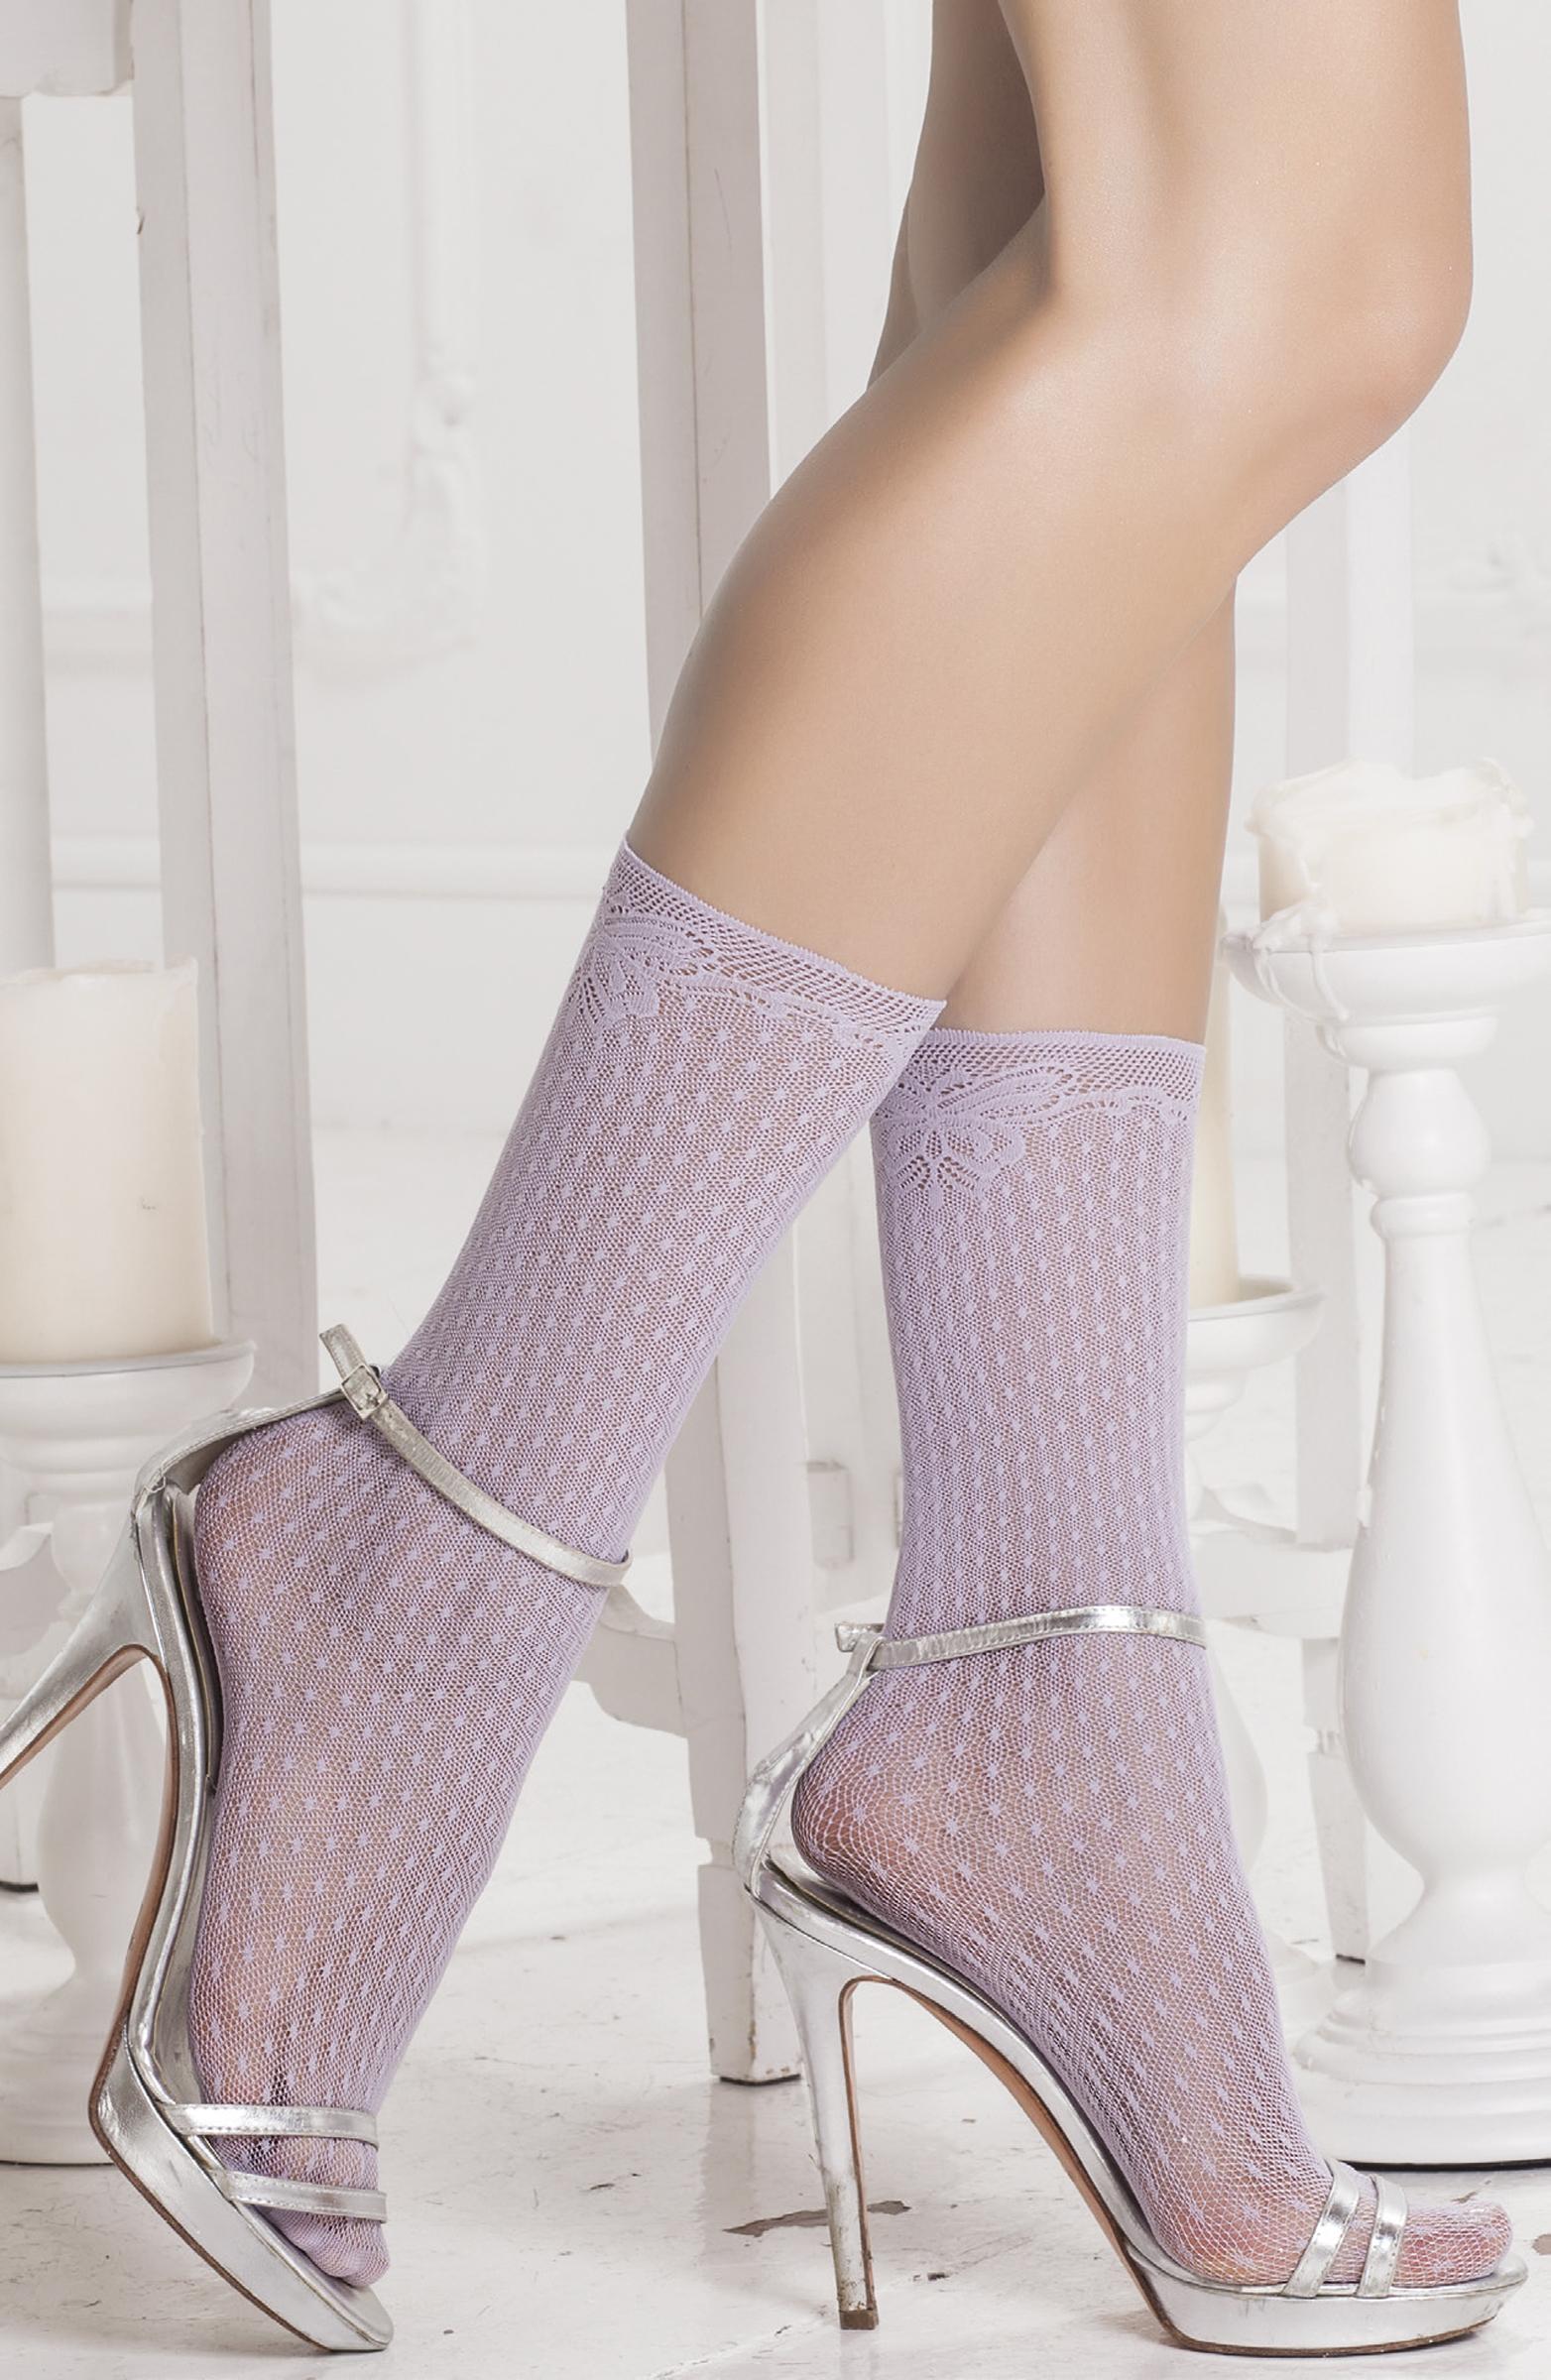 Капроновые носки женские Trasparenze Euphydryas бежевые UNICA